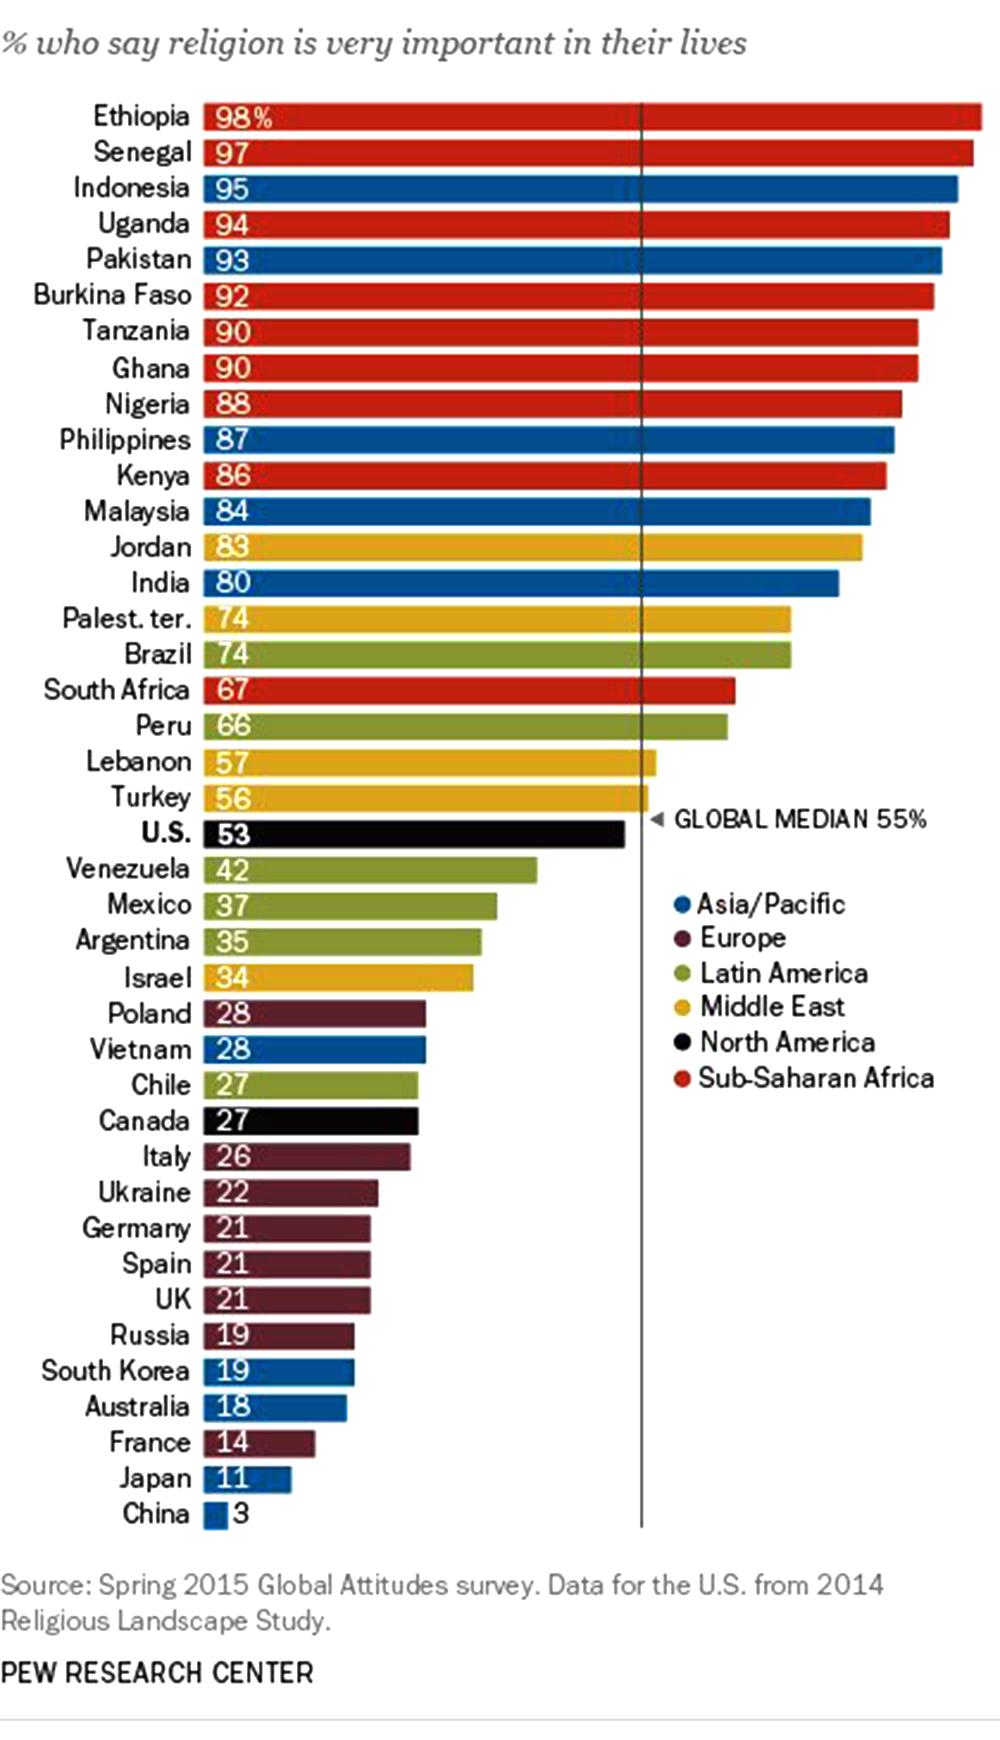 ImportanceOfReligionStatistics.jpg